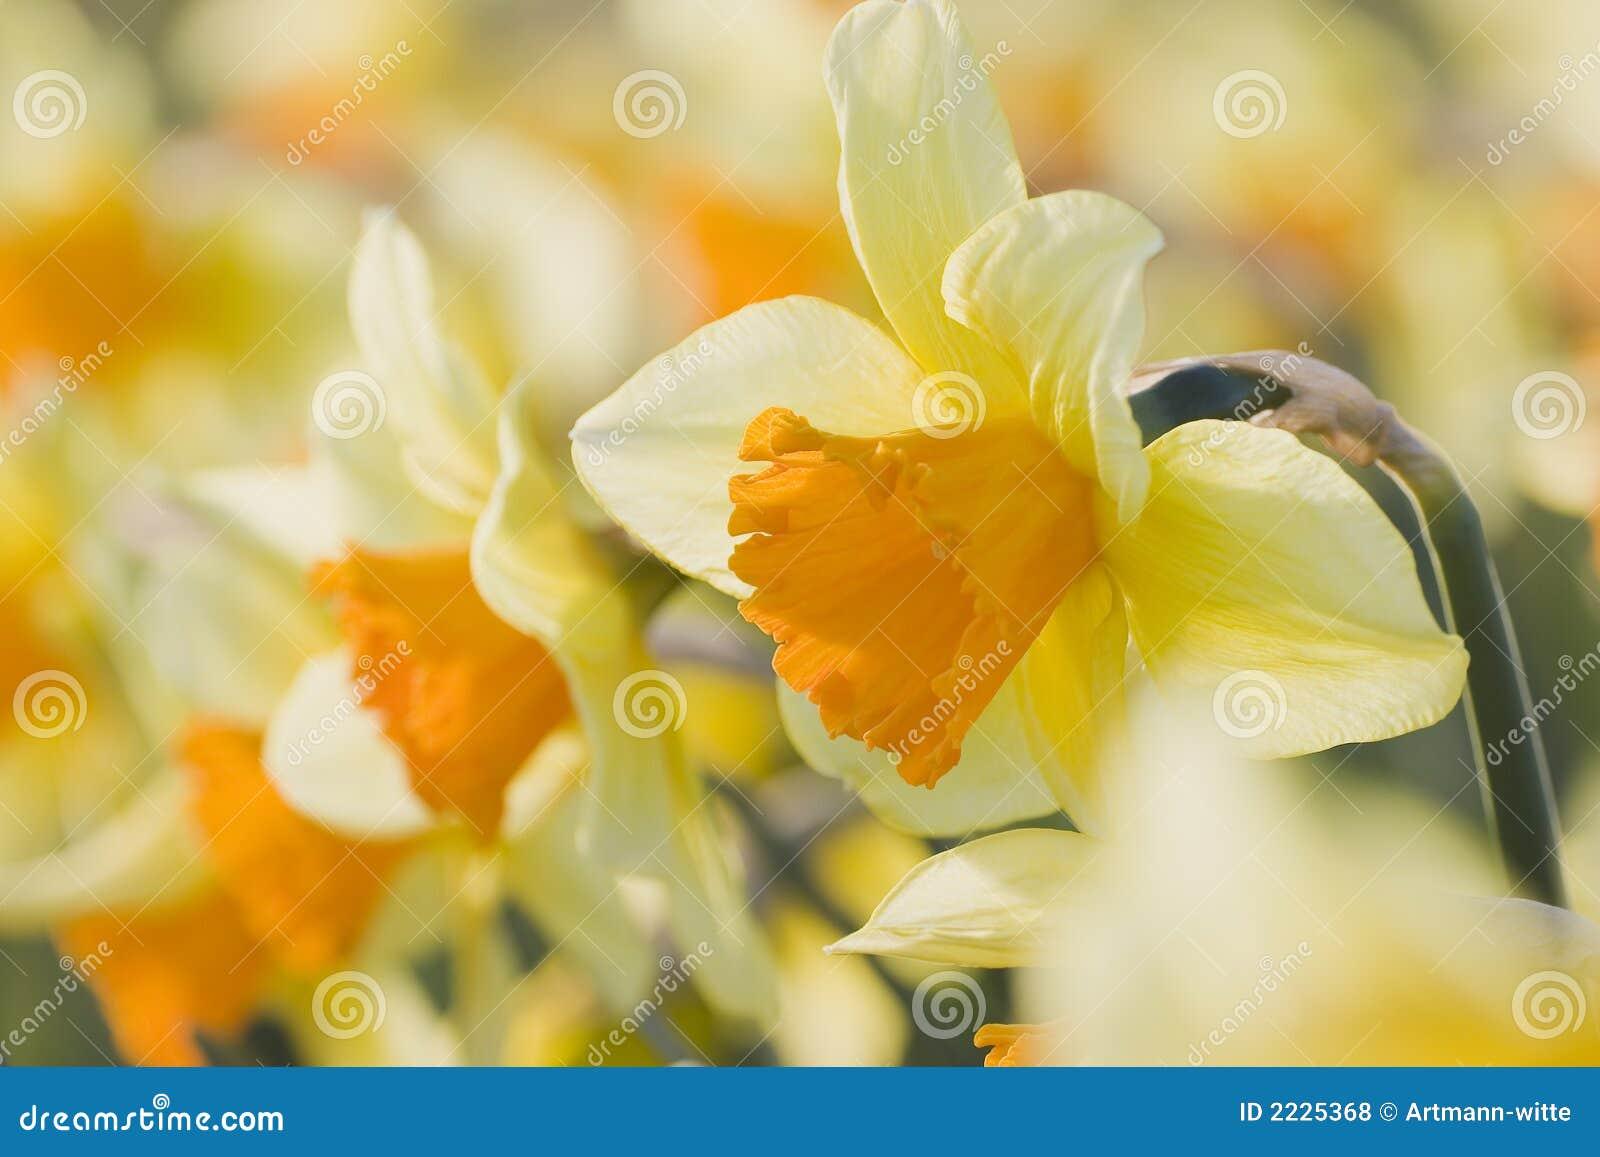 στενό πορτοκάλι daffodils επάνω